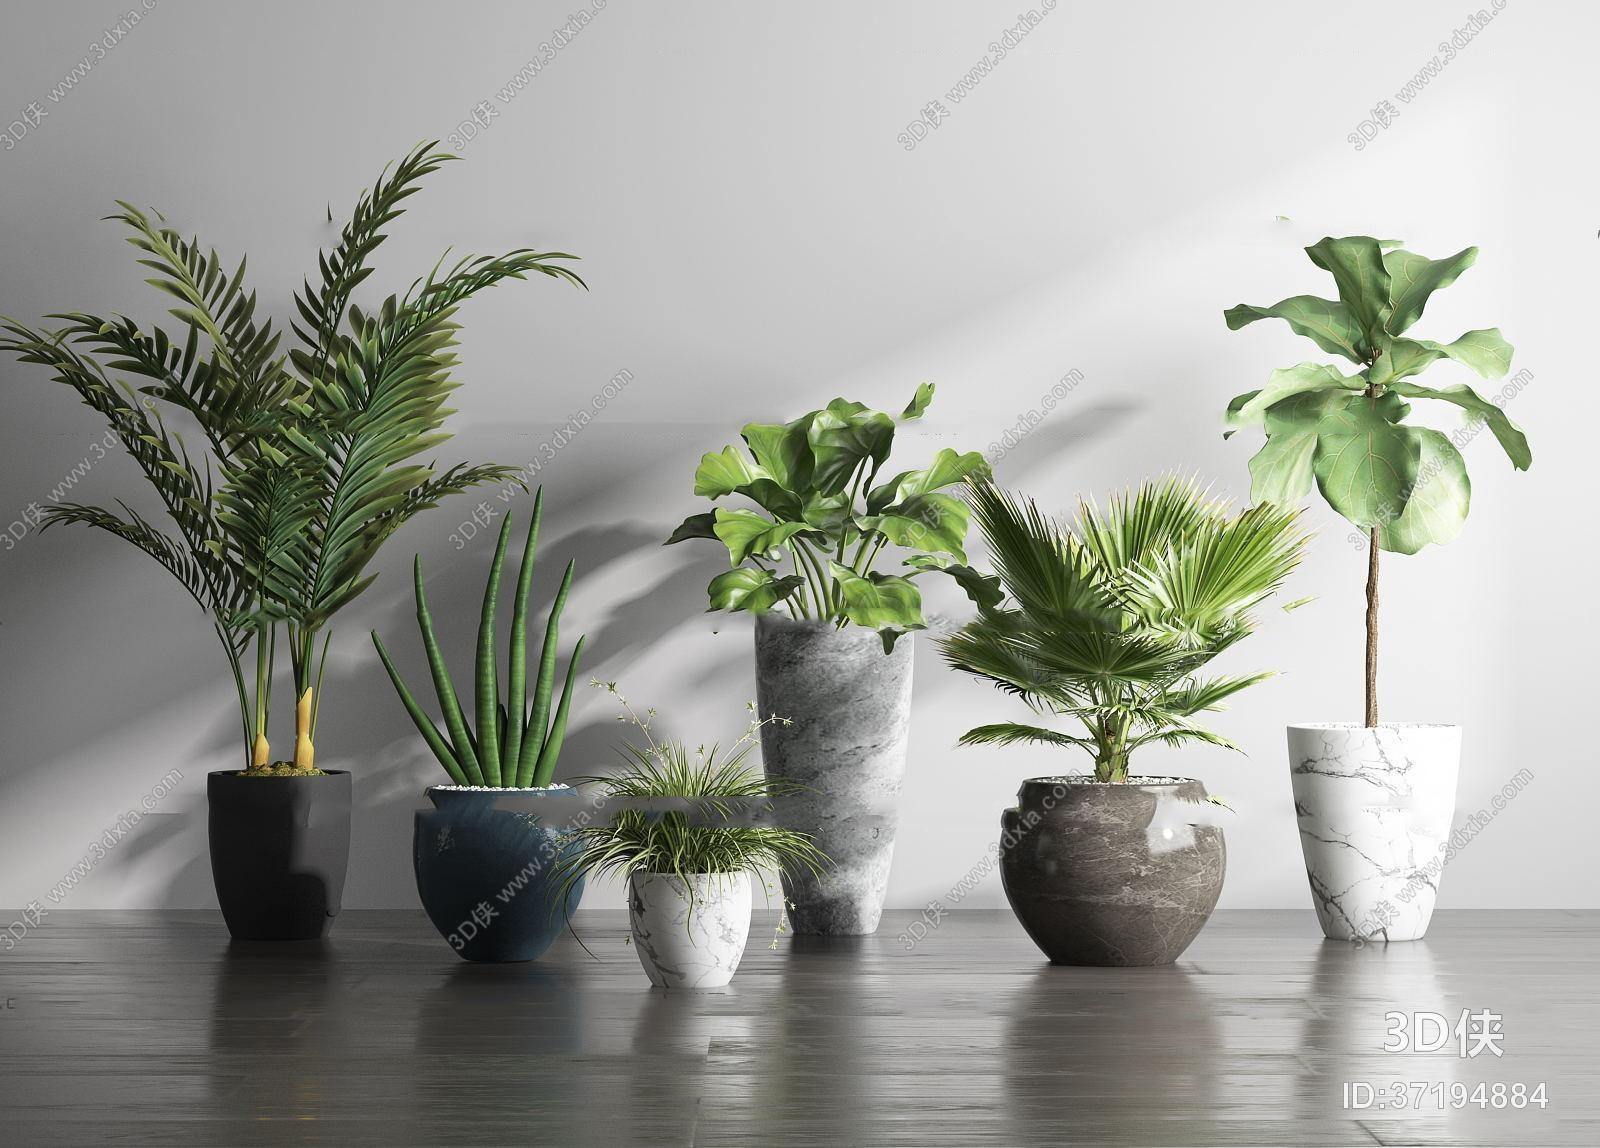 盆栽效果图素材免费下载,本作品主题是现代绿植盆栽组合3d模型,编号是